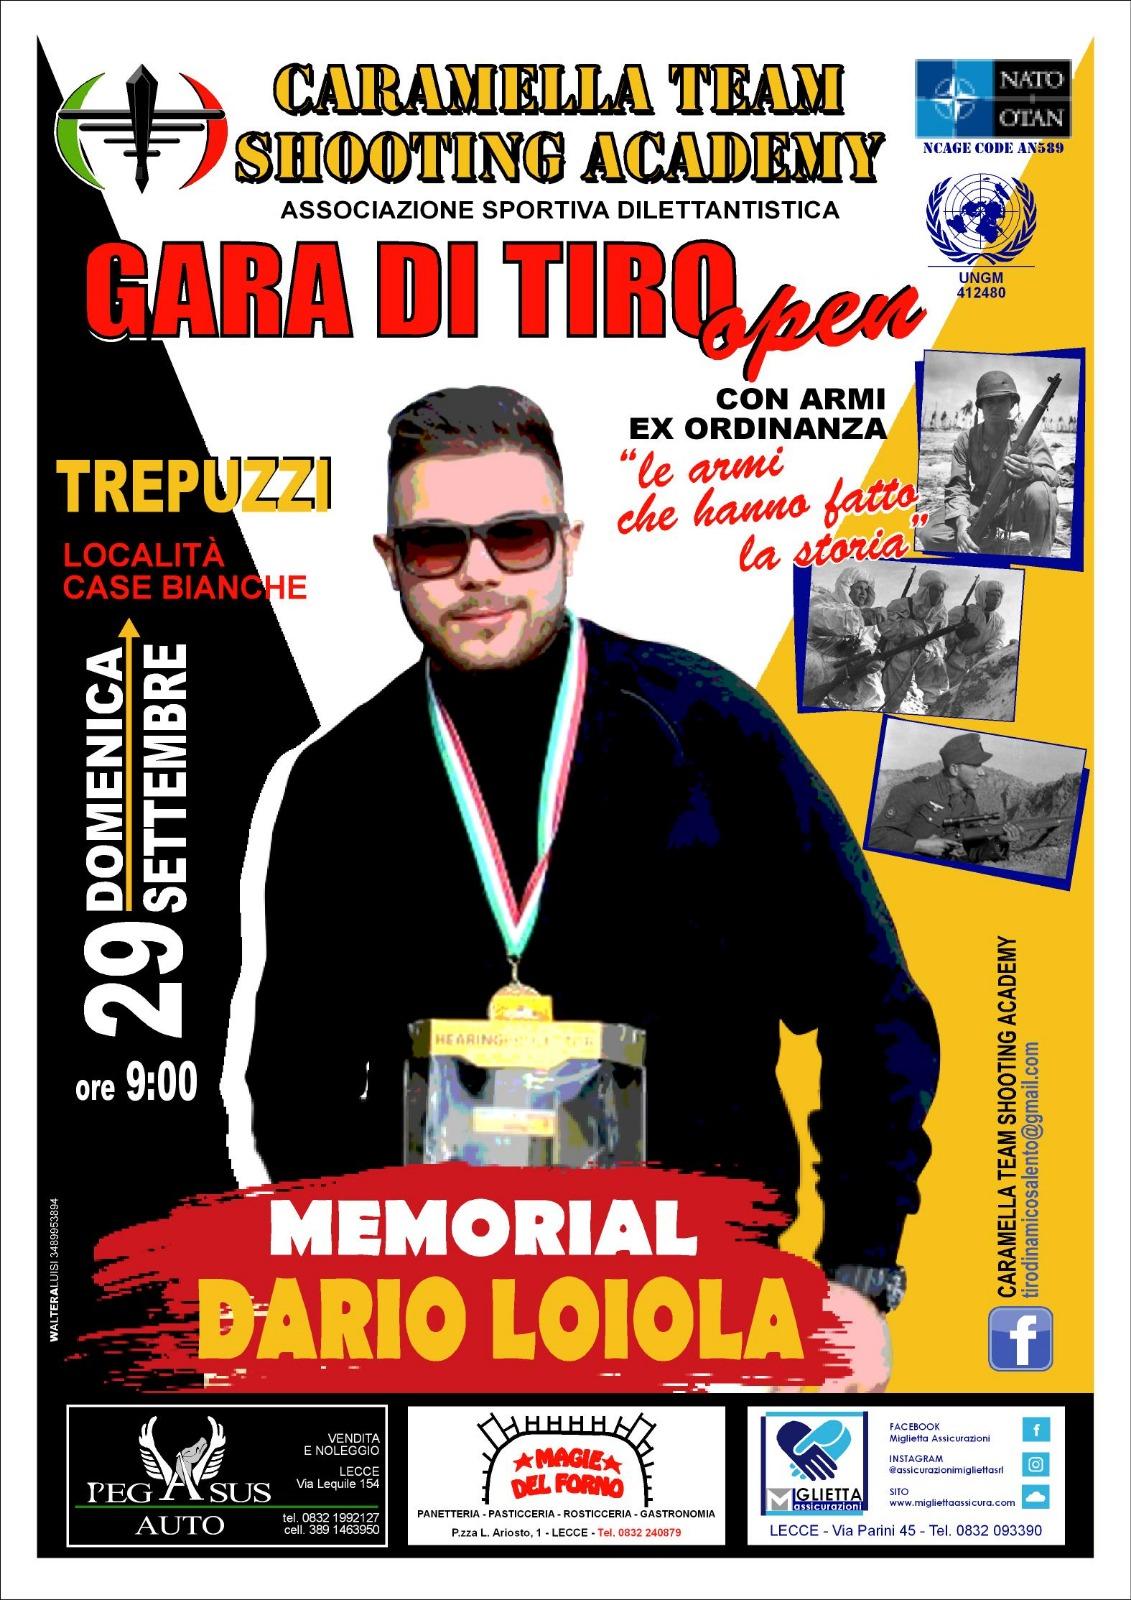 2° memorial Dario Loiola